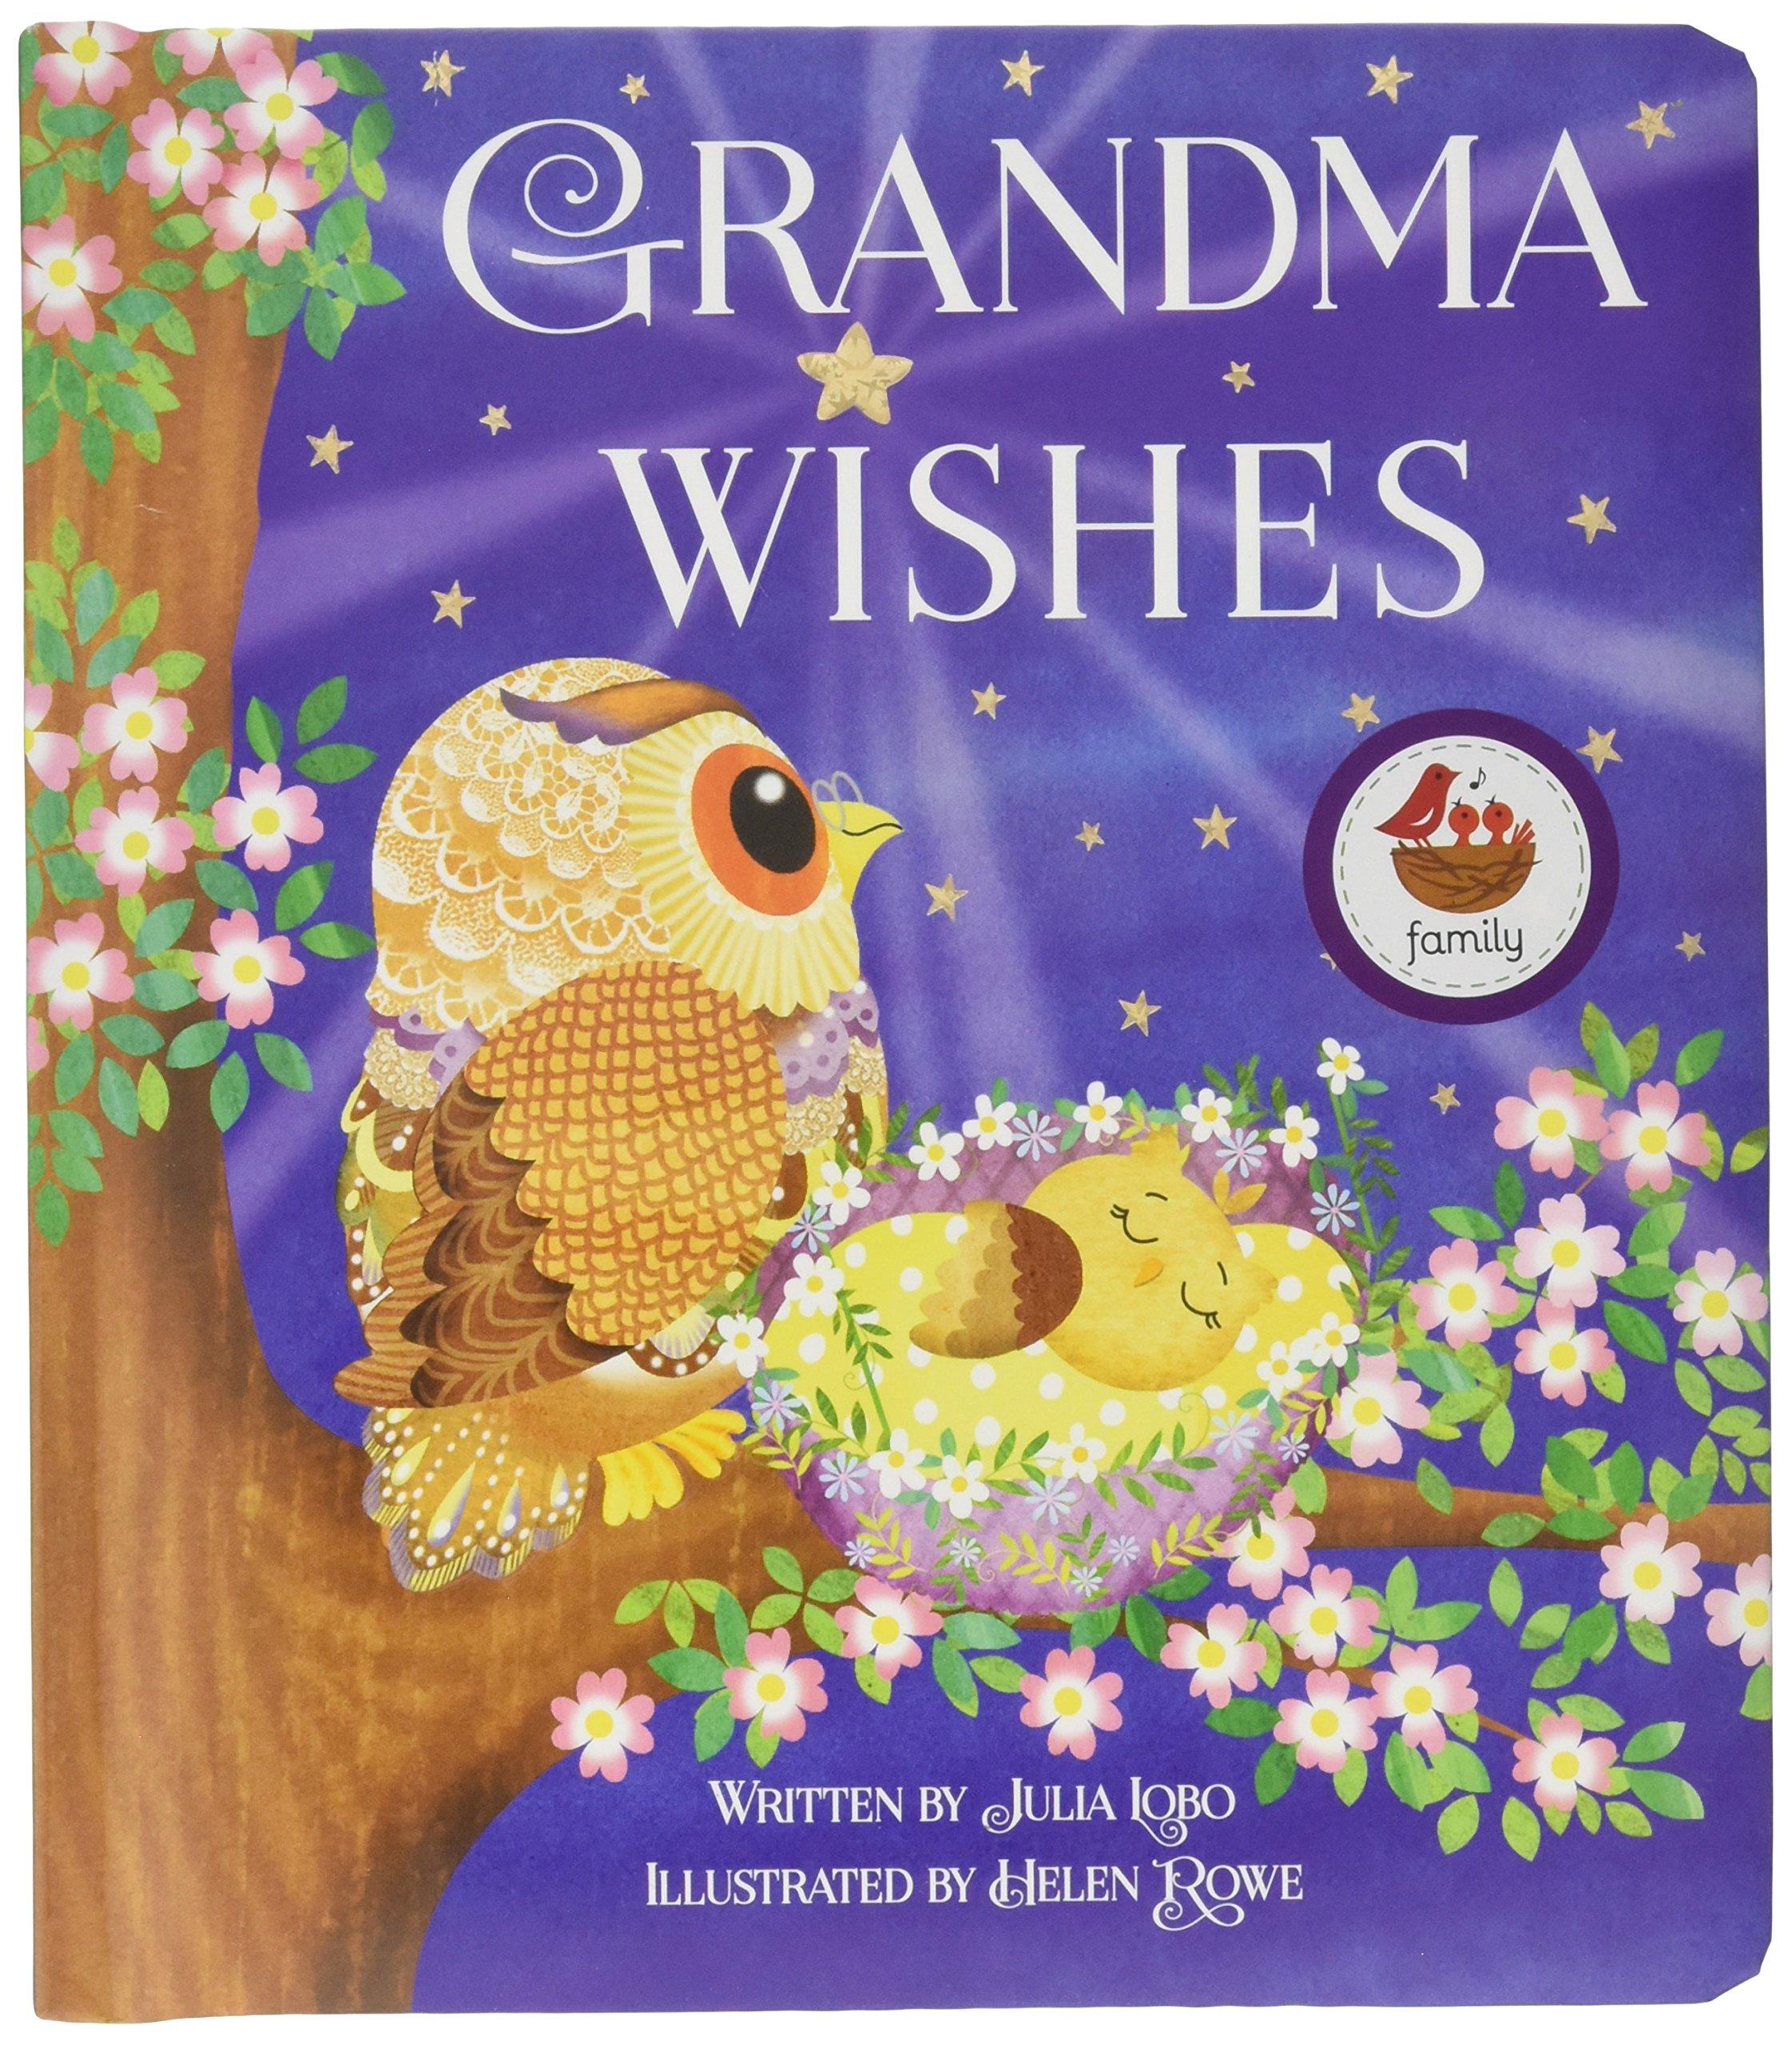 Grandma Wishes Childrens Board Book Love You Always Julia Lobo